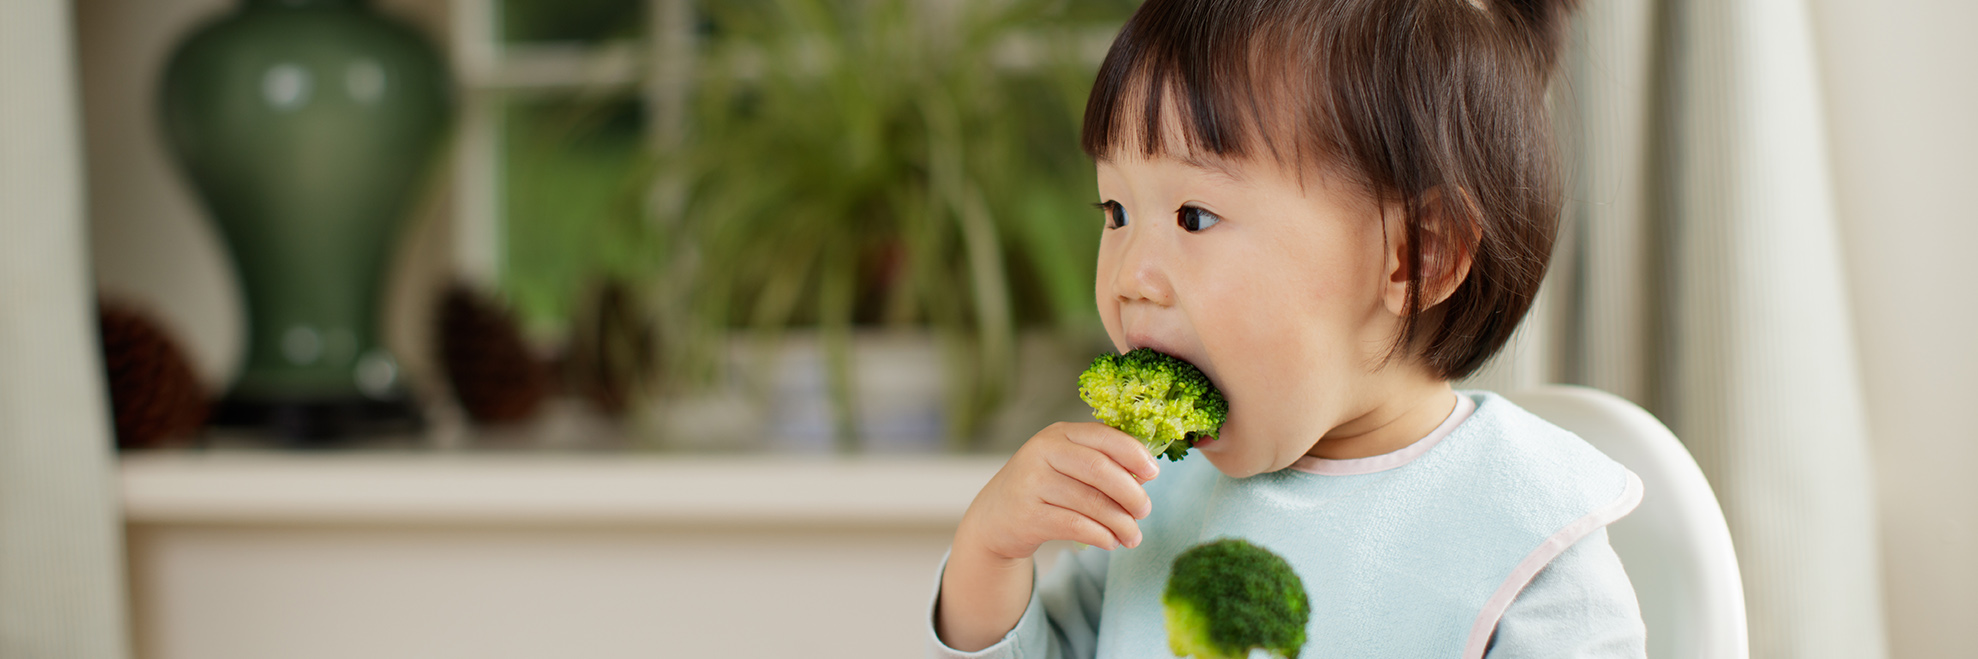 Alimentation & bien-être  : 2 nouveaux livrets dédiés à l'autisme et à la chimiothérapie | Groupe APICIL